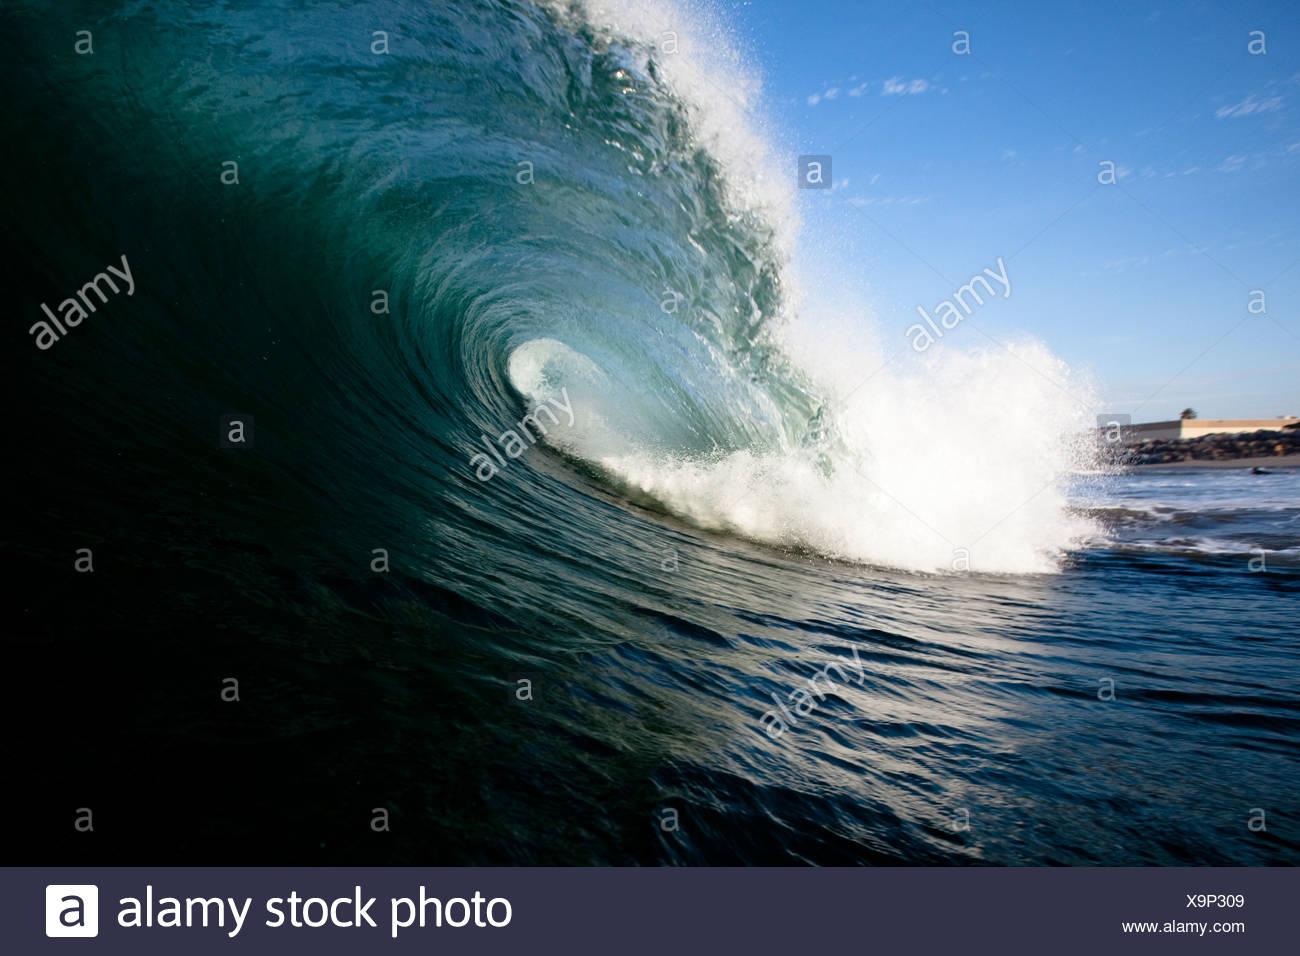 Une grande vague se casse près de la côte. Photo Stock